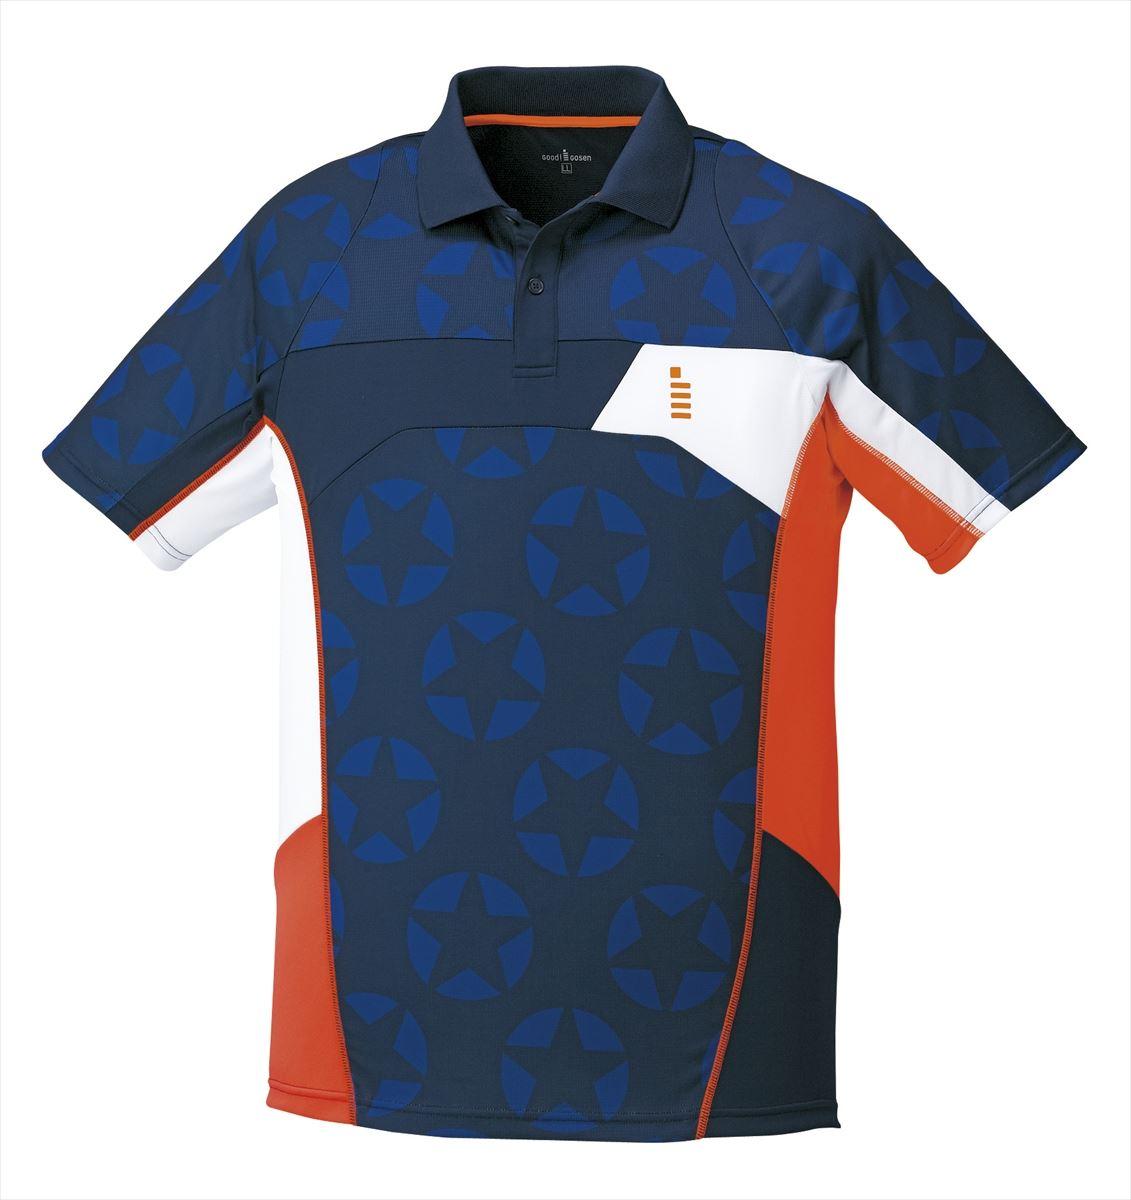 【ゴーセンクリアランス】ゴーセン GOSEN T1712 テニス・バドミントン ウェア(メンズ/ユニ) 星柄ゲームシャツ ネイビー 17SS